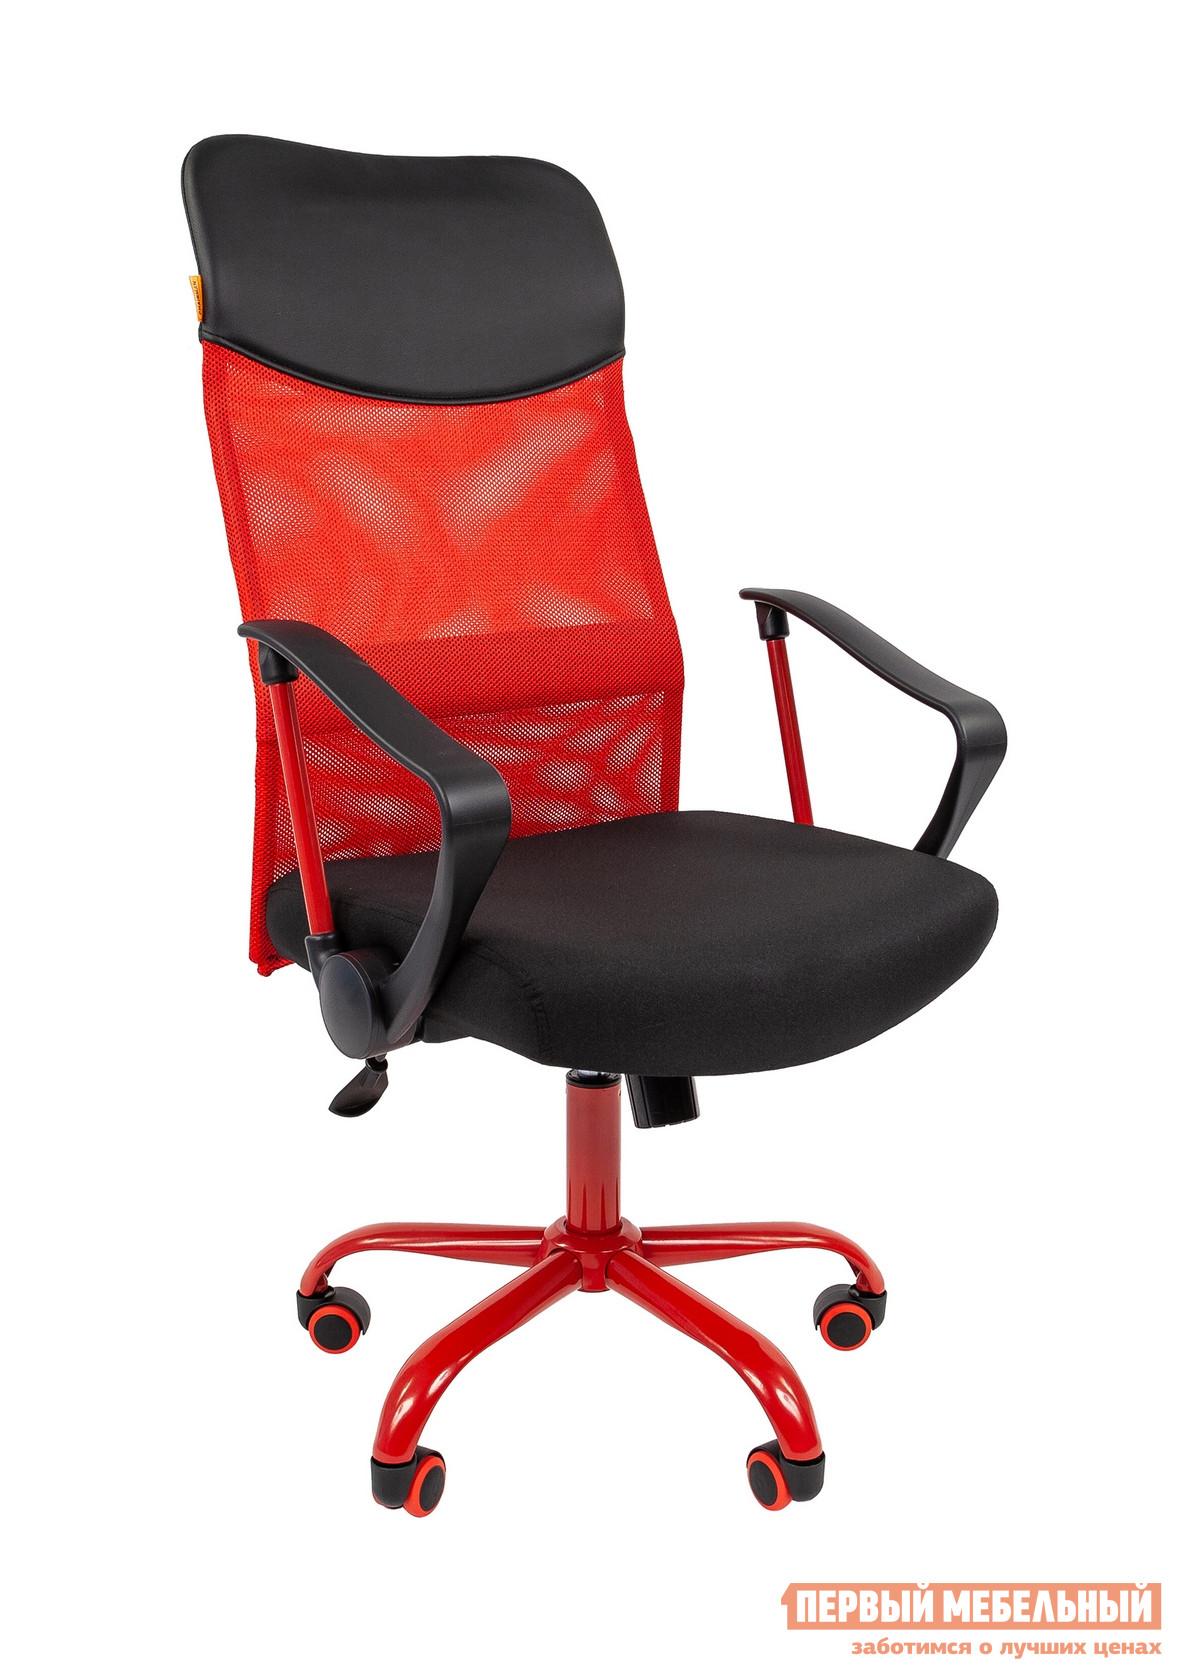 лучшая цена Кресло руководителя Тайпит Офисное кресло Chairman 610 Cmet